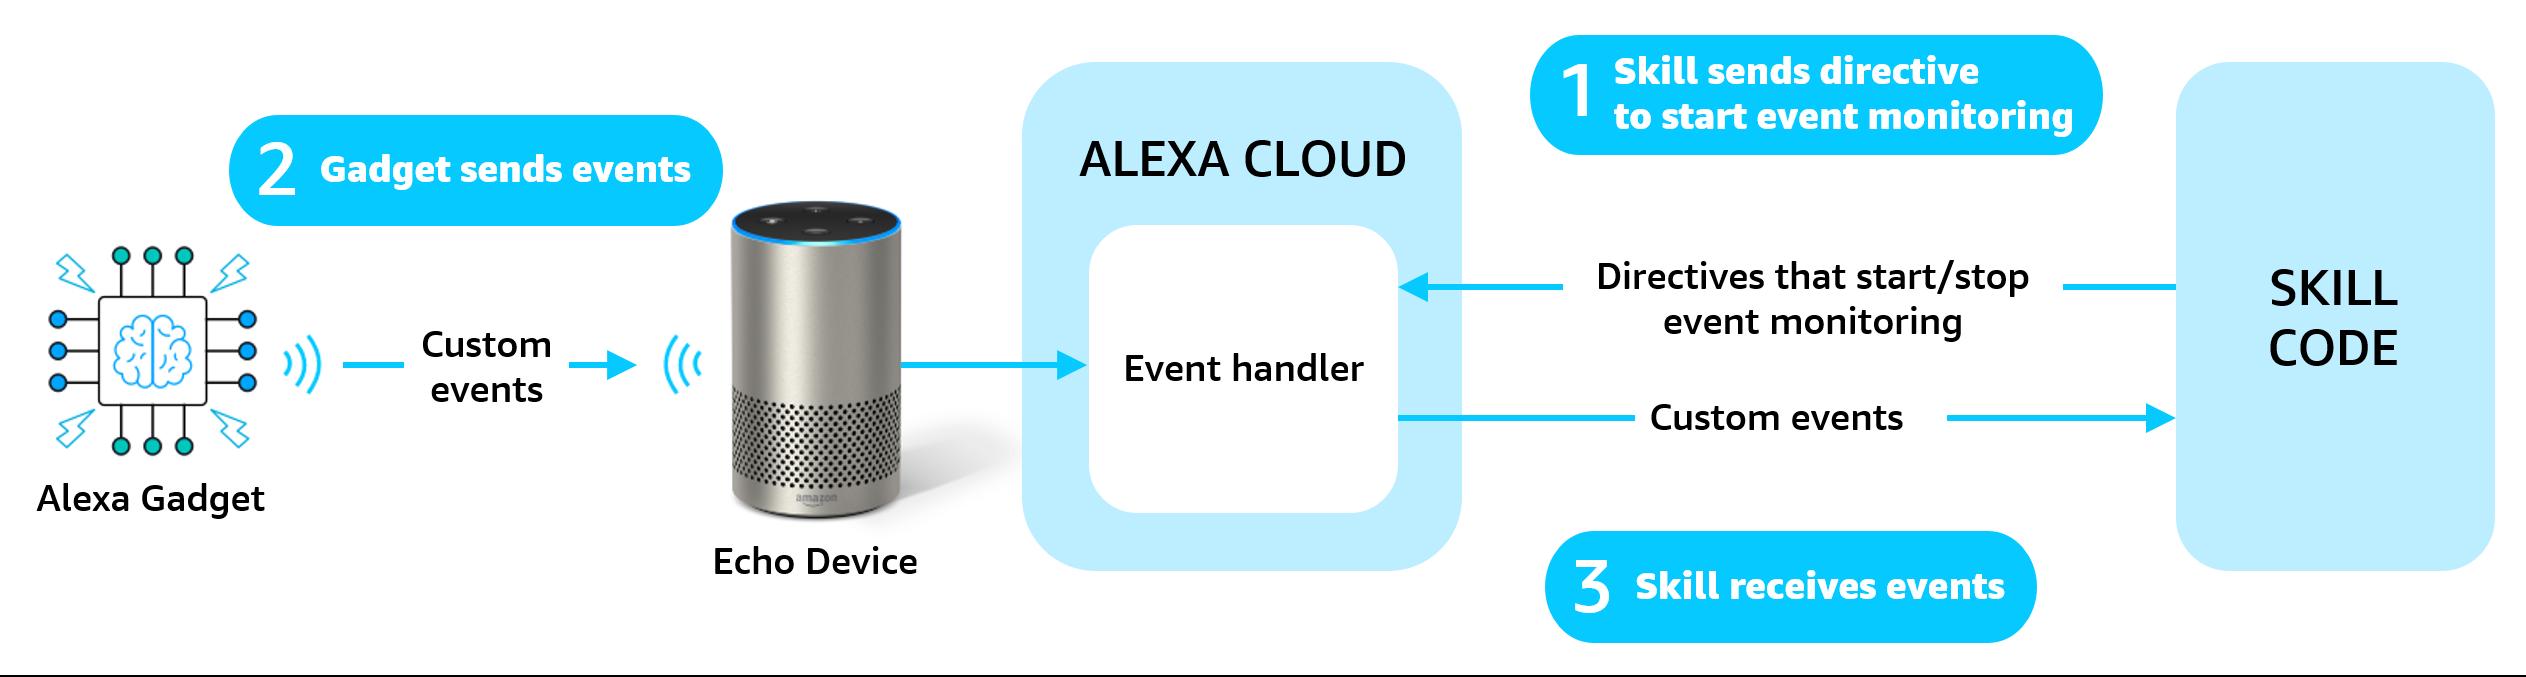 Alexa Gadgetからスキルにカスタムイベントを送信する